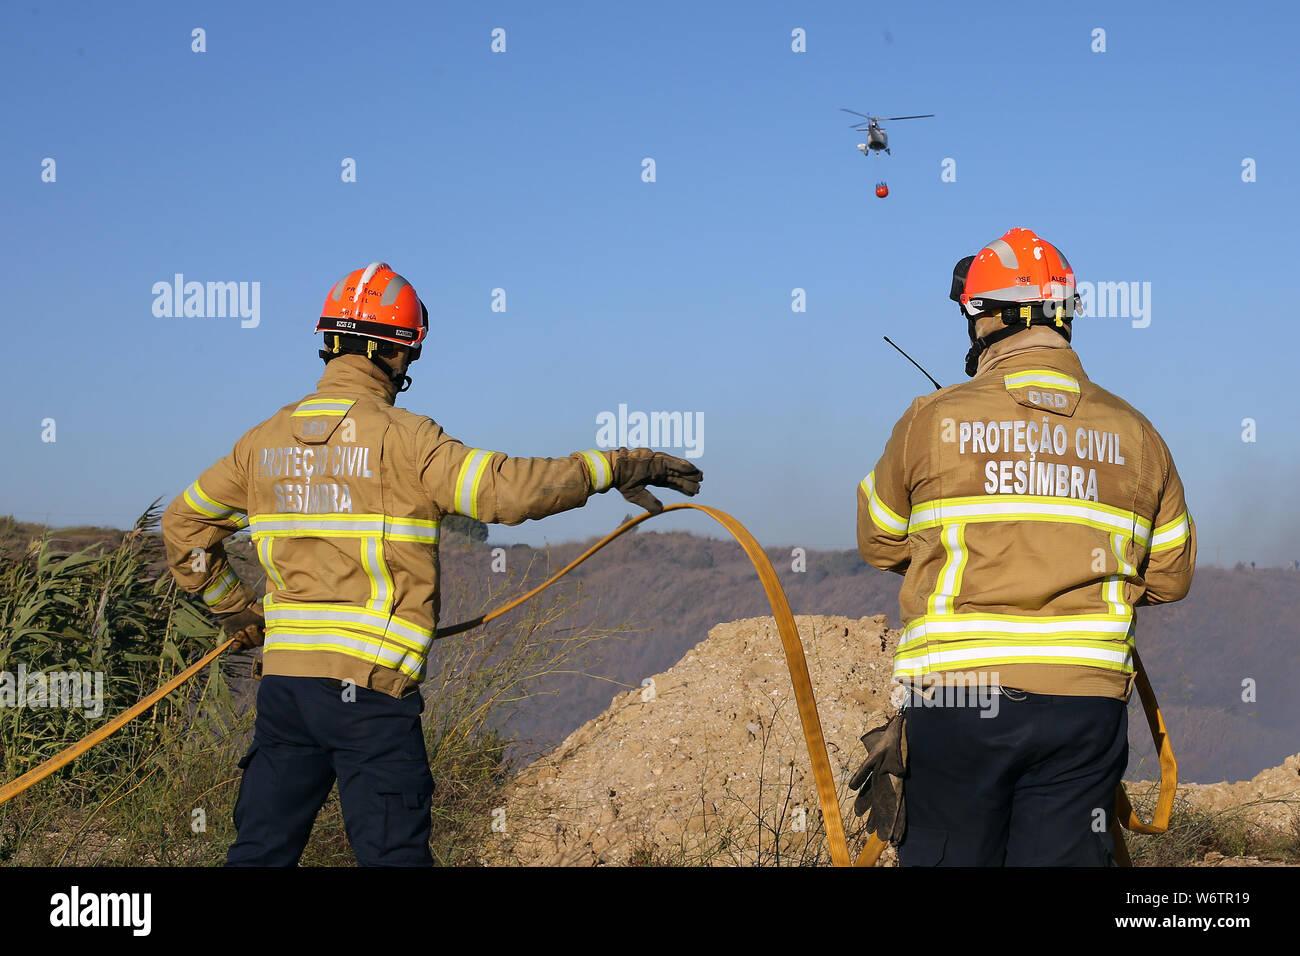 Sesimbra, Portugal. 2 Aug, 2019. Feuerwehrleute versuchen, ein Feuer in Sesimbra, Portugal, August 2, 2019 zu löschen. Credit: Petro Fiuza/Xinhua Quelle: Xinhua/Alamy leben Nachrichten Stockfoto